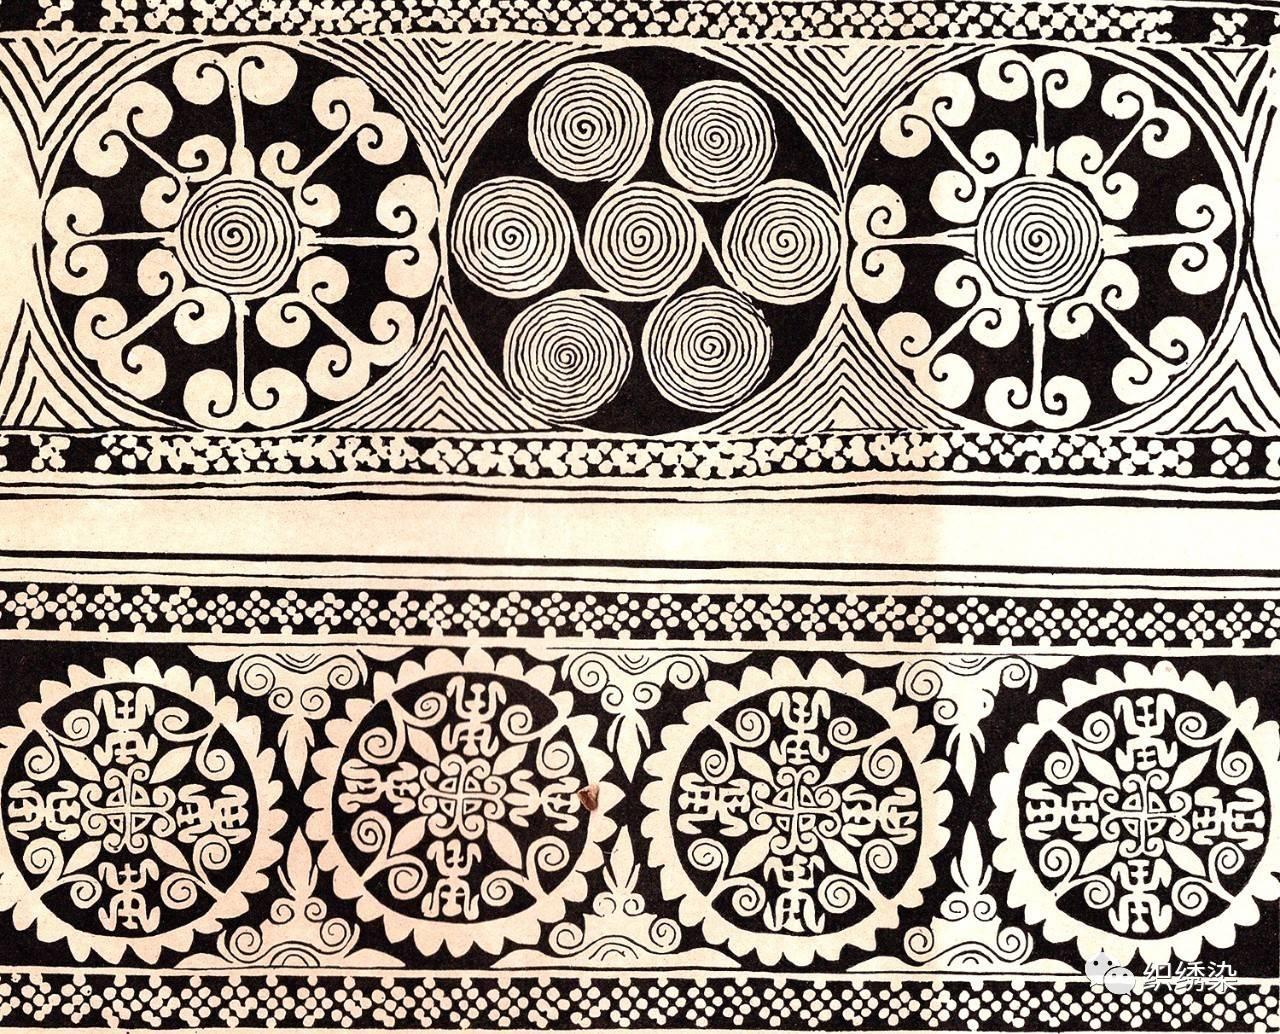 背景 壁纸 设计 矢量 矢量图 素材 1280_1034